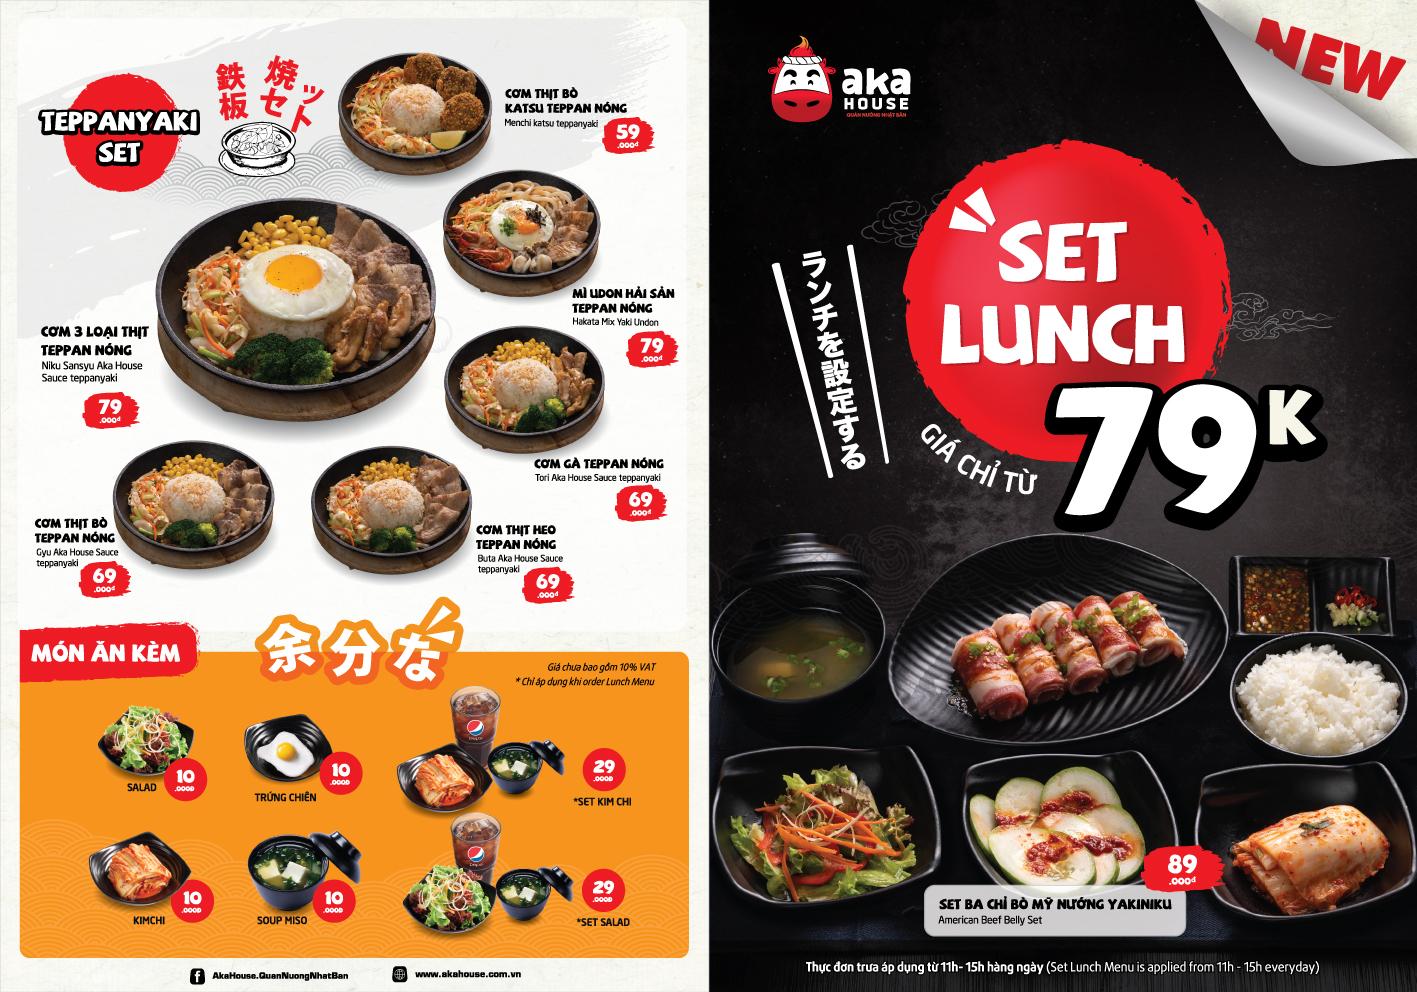 HCM-1-Set-Lunch-(25Wx35H)cm